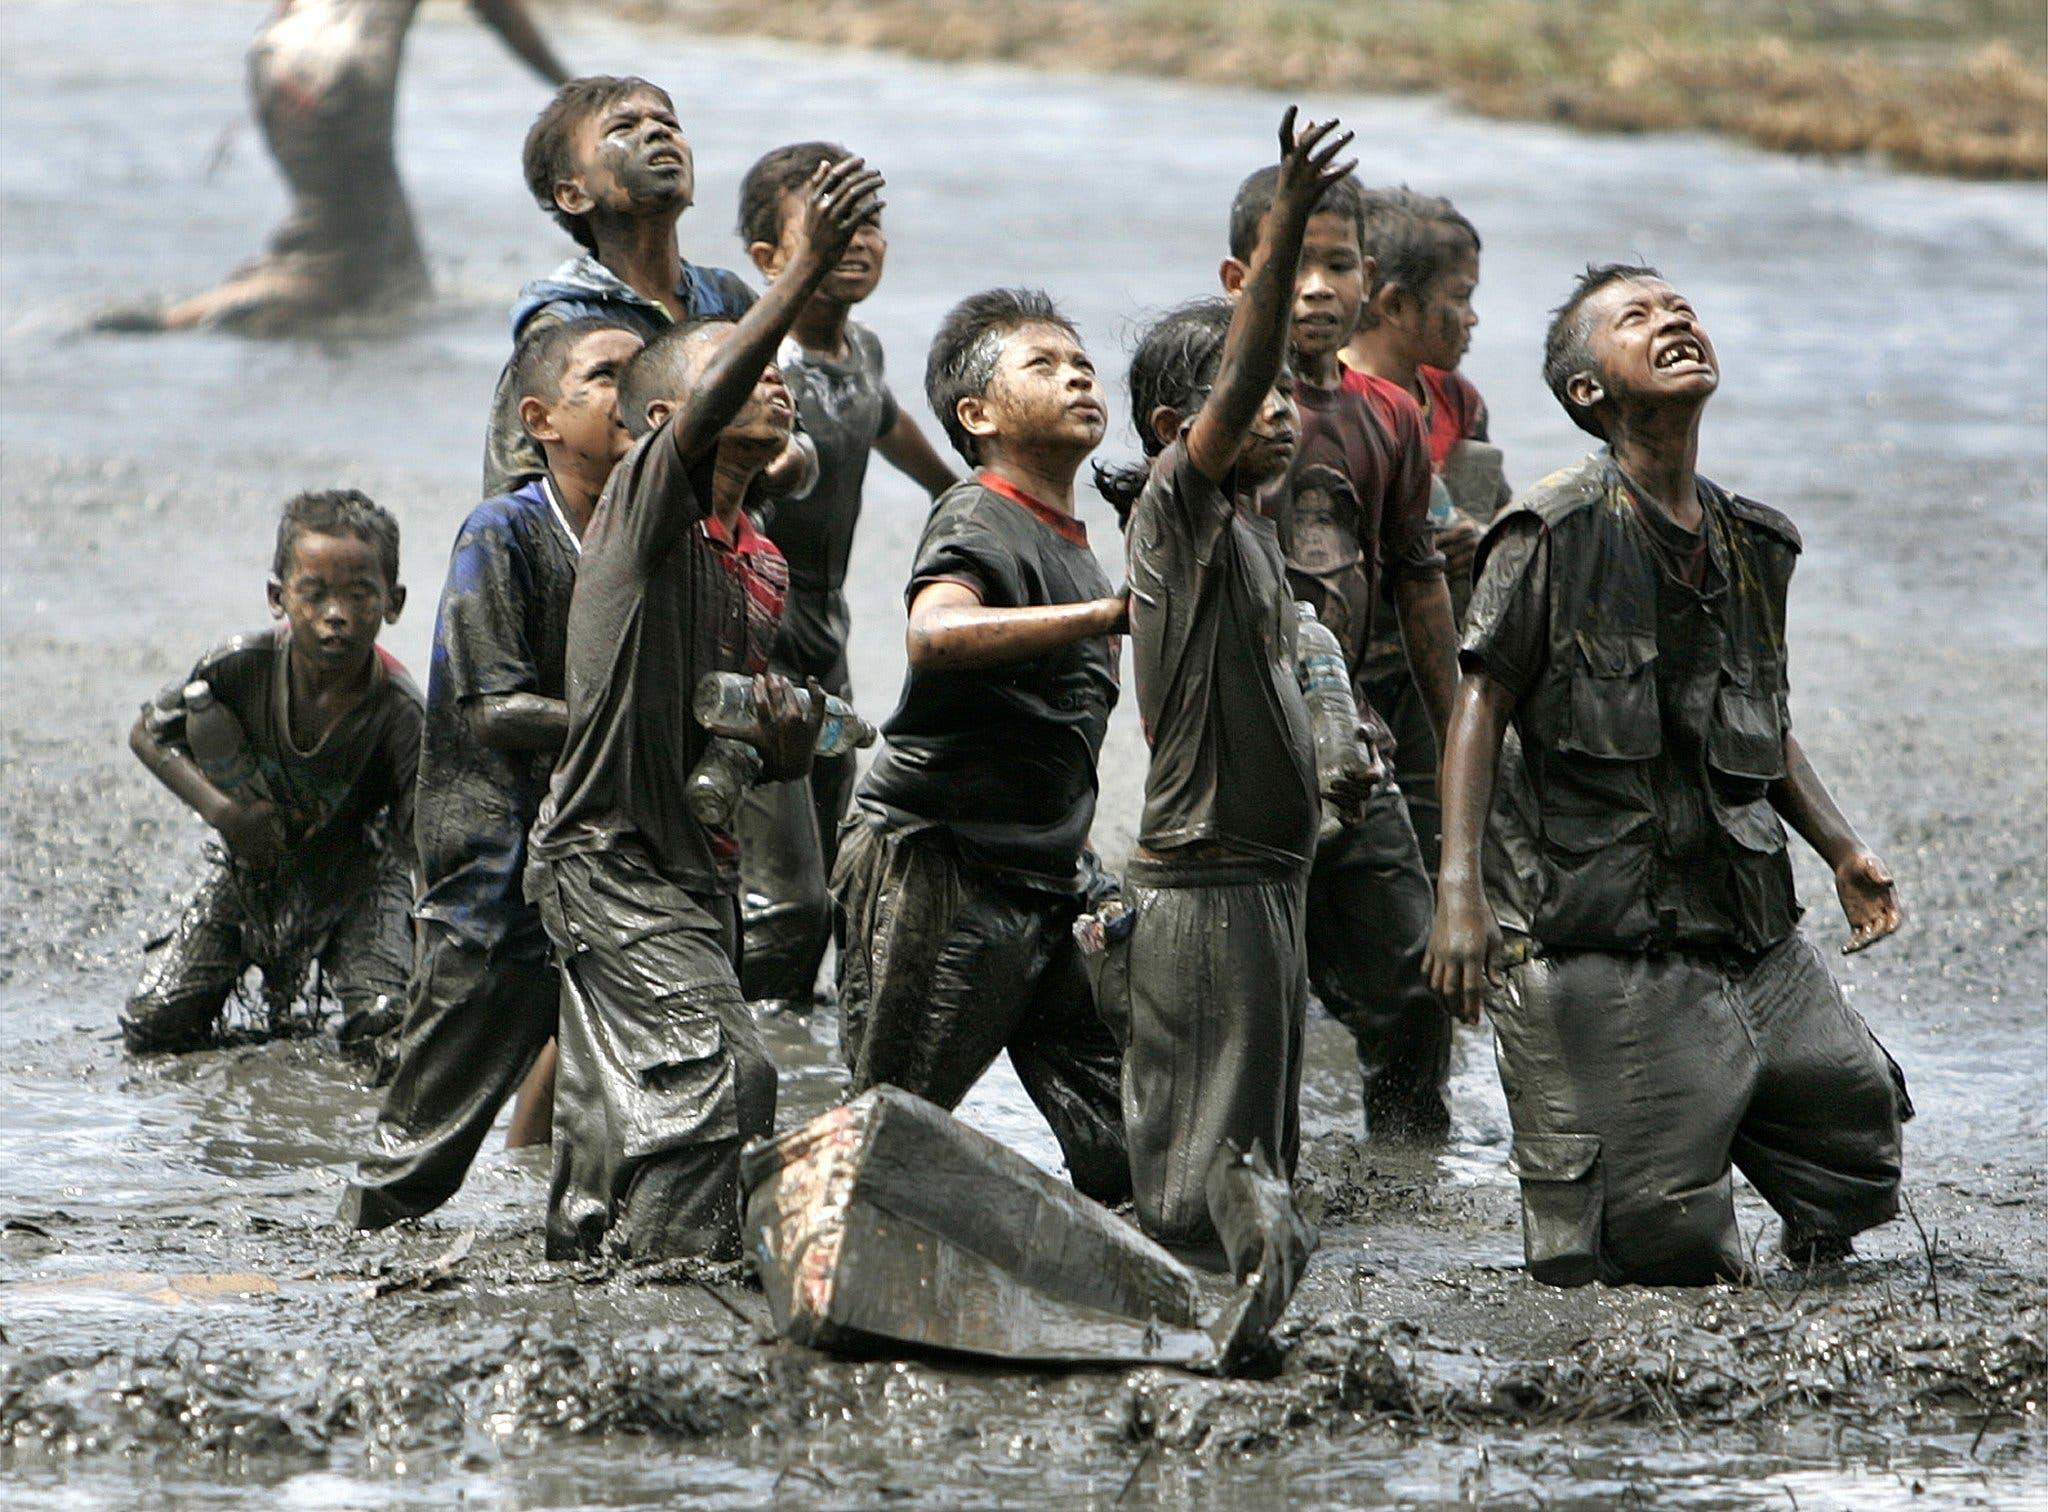 Kinder nehmen rettende Hilfsmittel von Einsatzkräften entgegen.